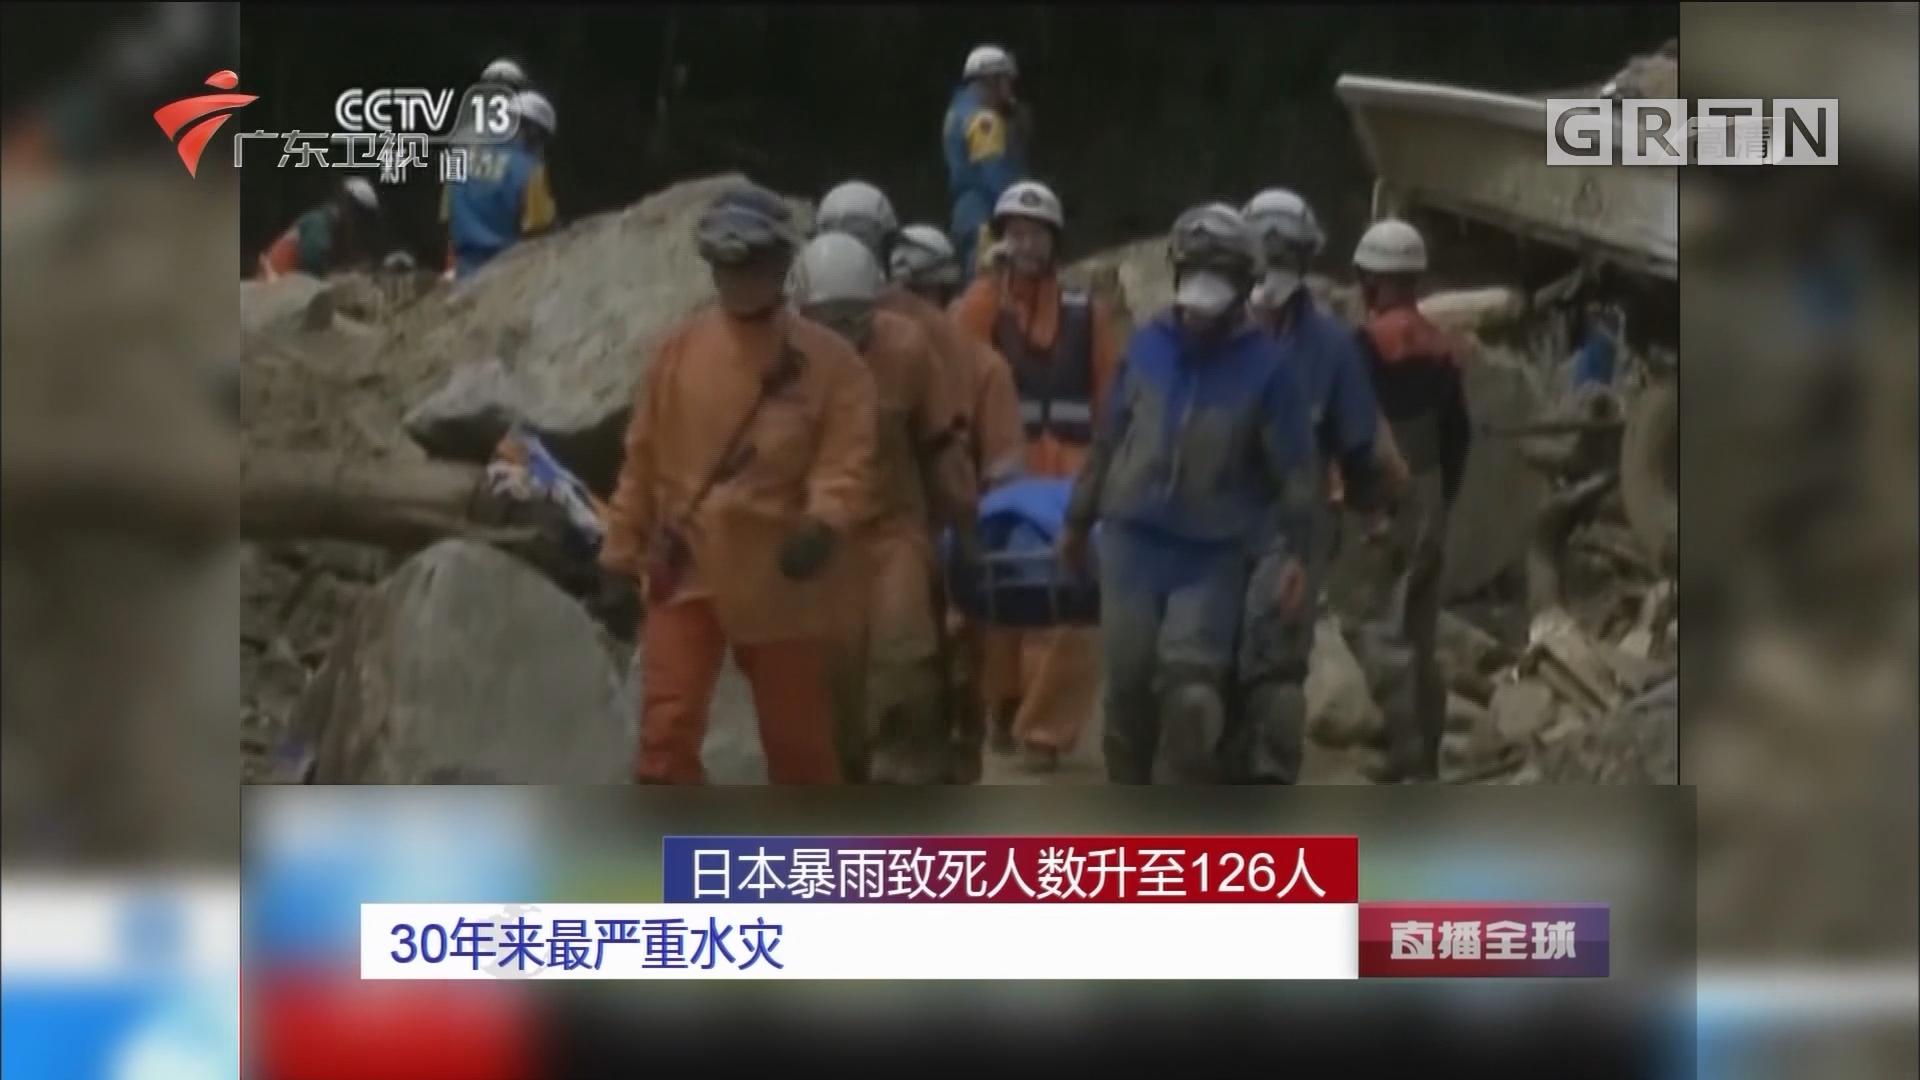 日本暴雨致死人数升至126人:30年来最严重水灾